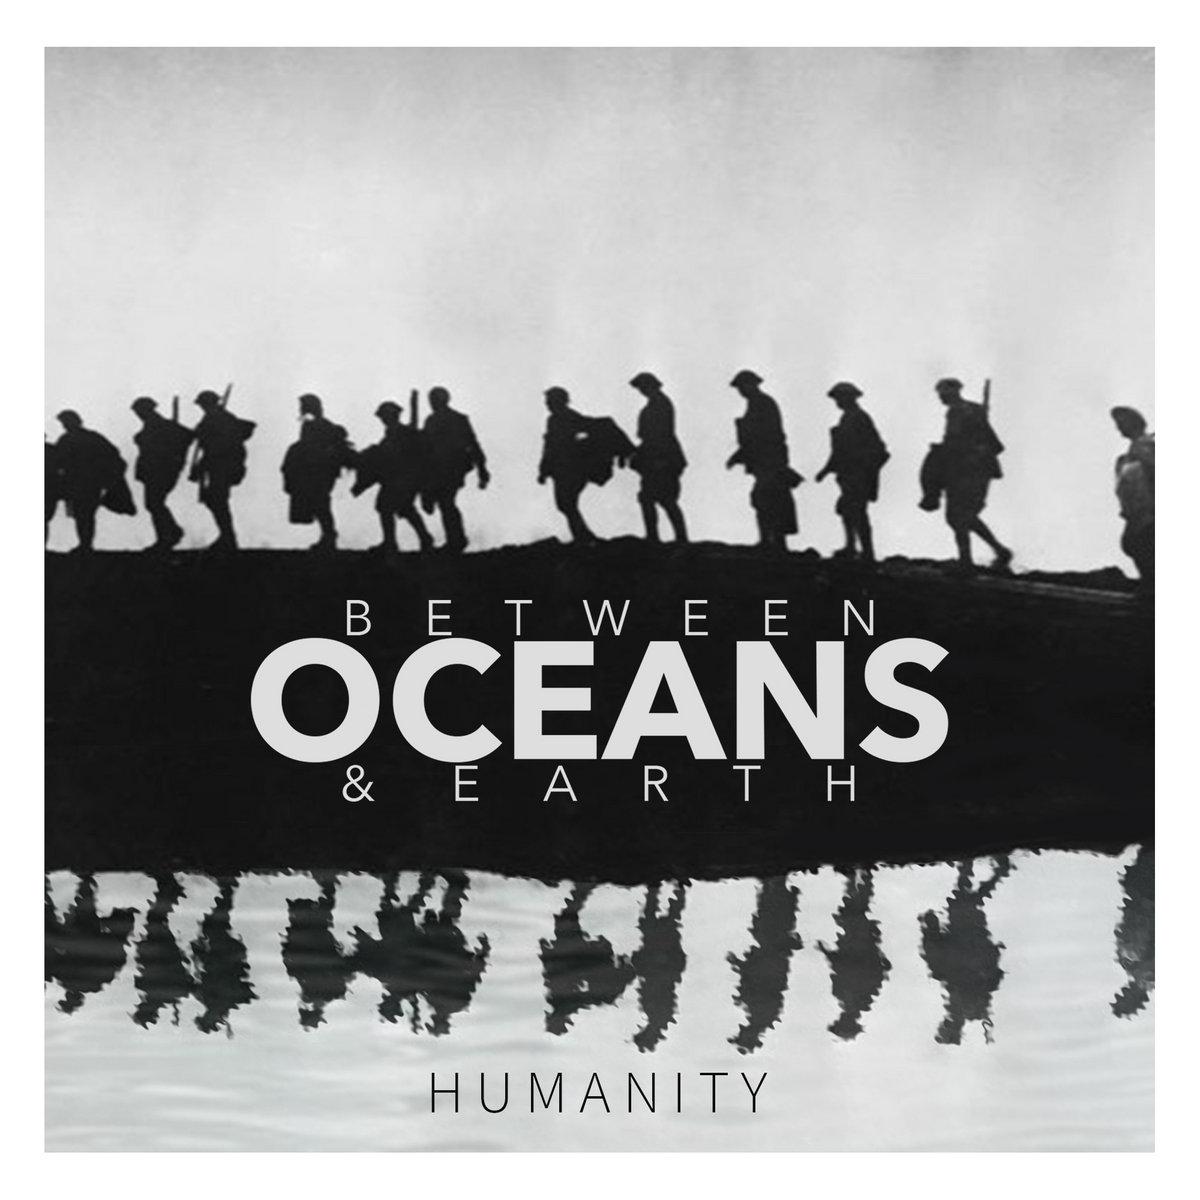 Between Oceans & Earth - Humanity [EP] (2016)